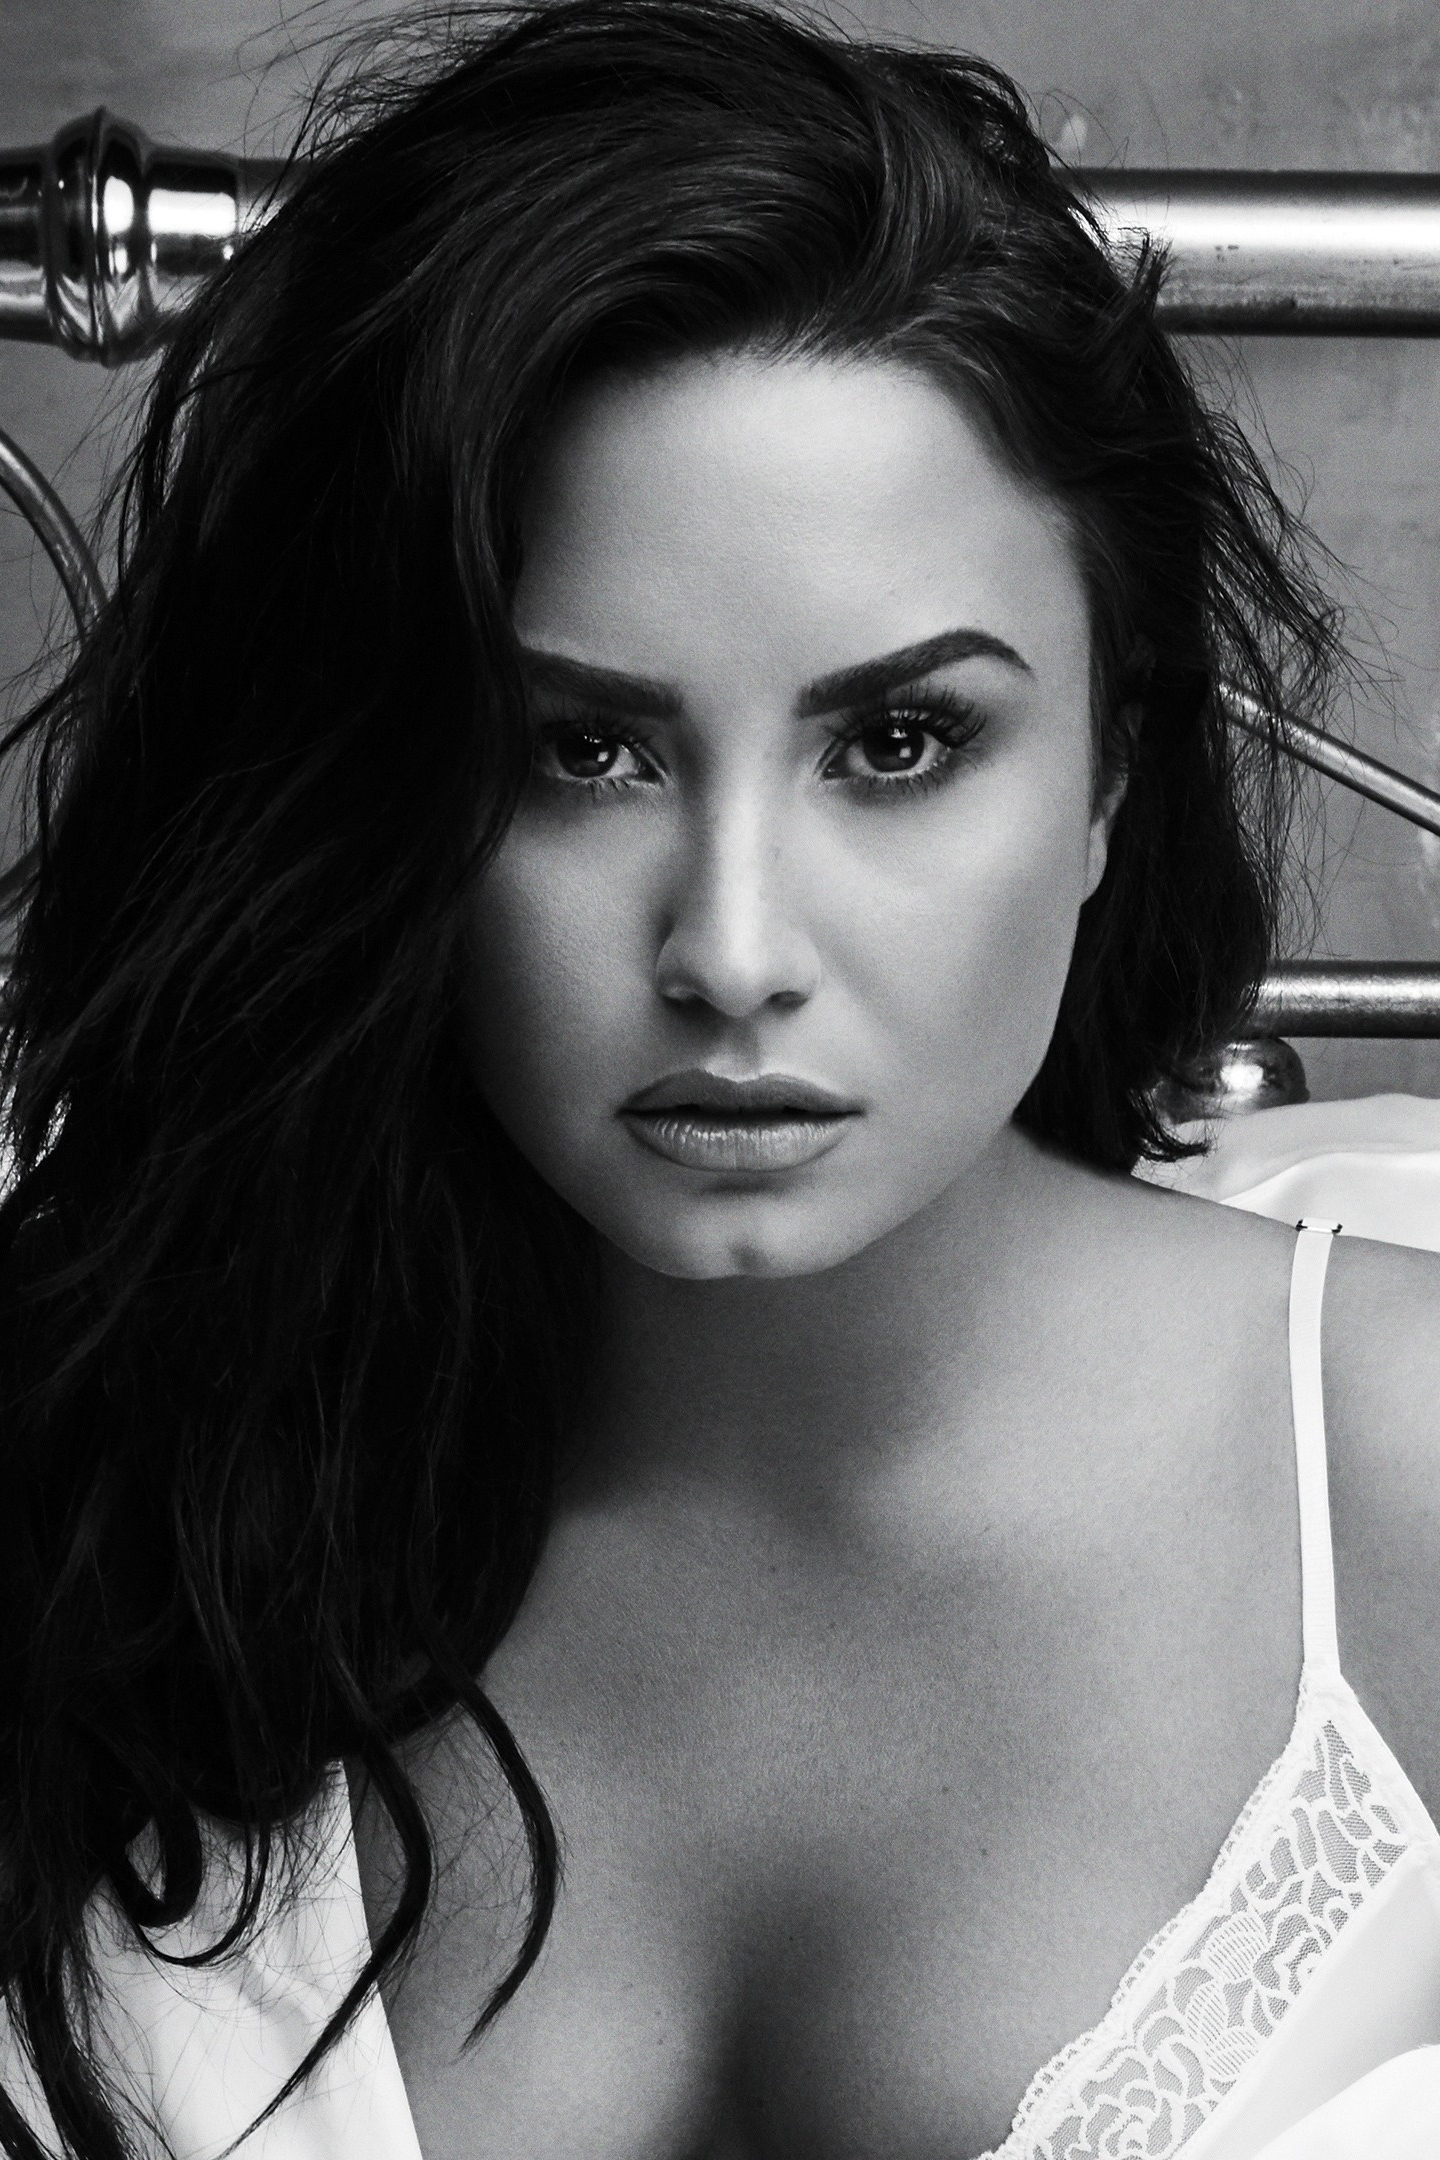 Demi Lovato, 2018, Monochrome, Hot, 1440X2880 Wallpaper